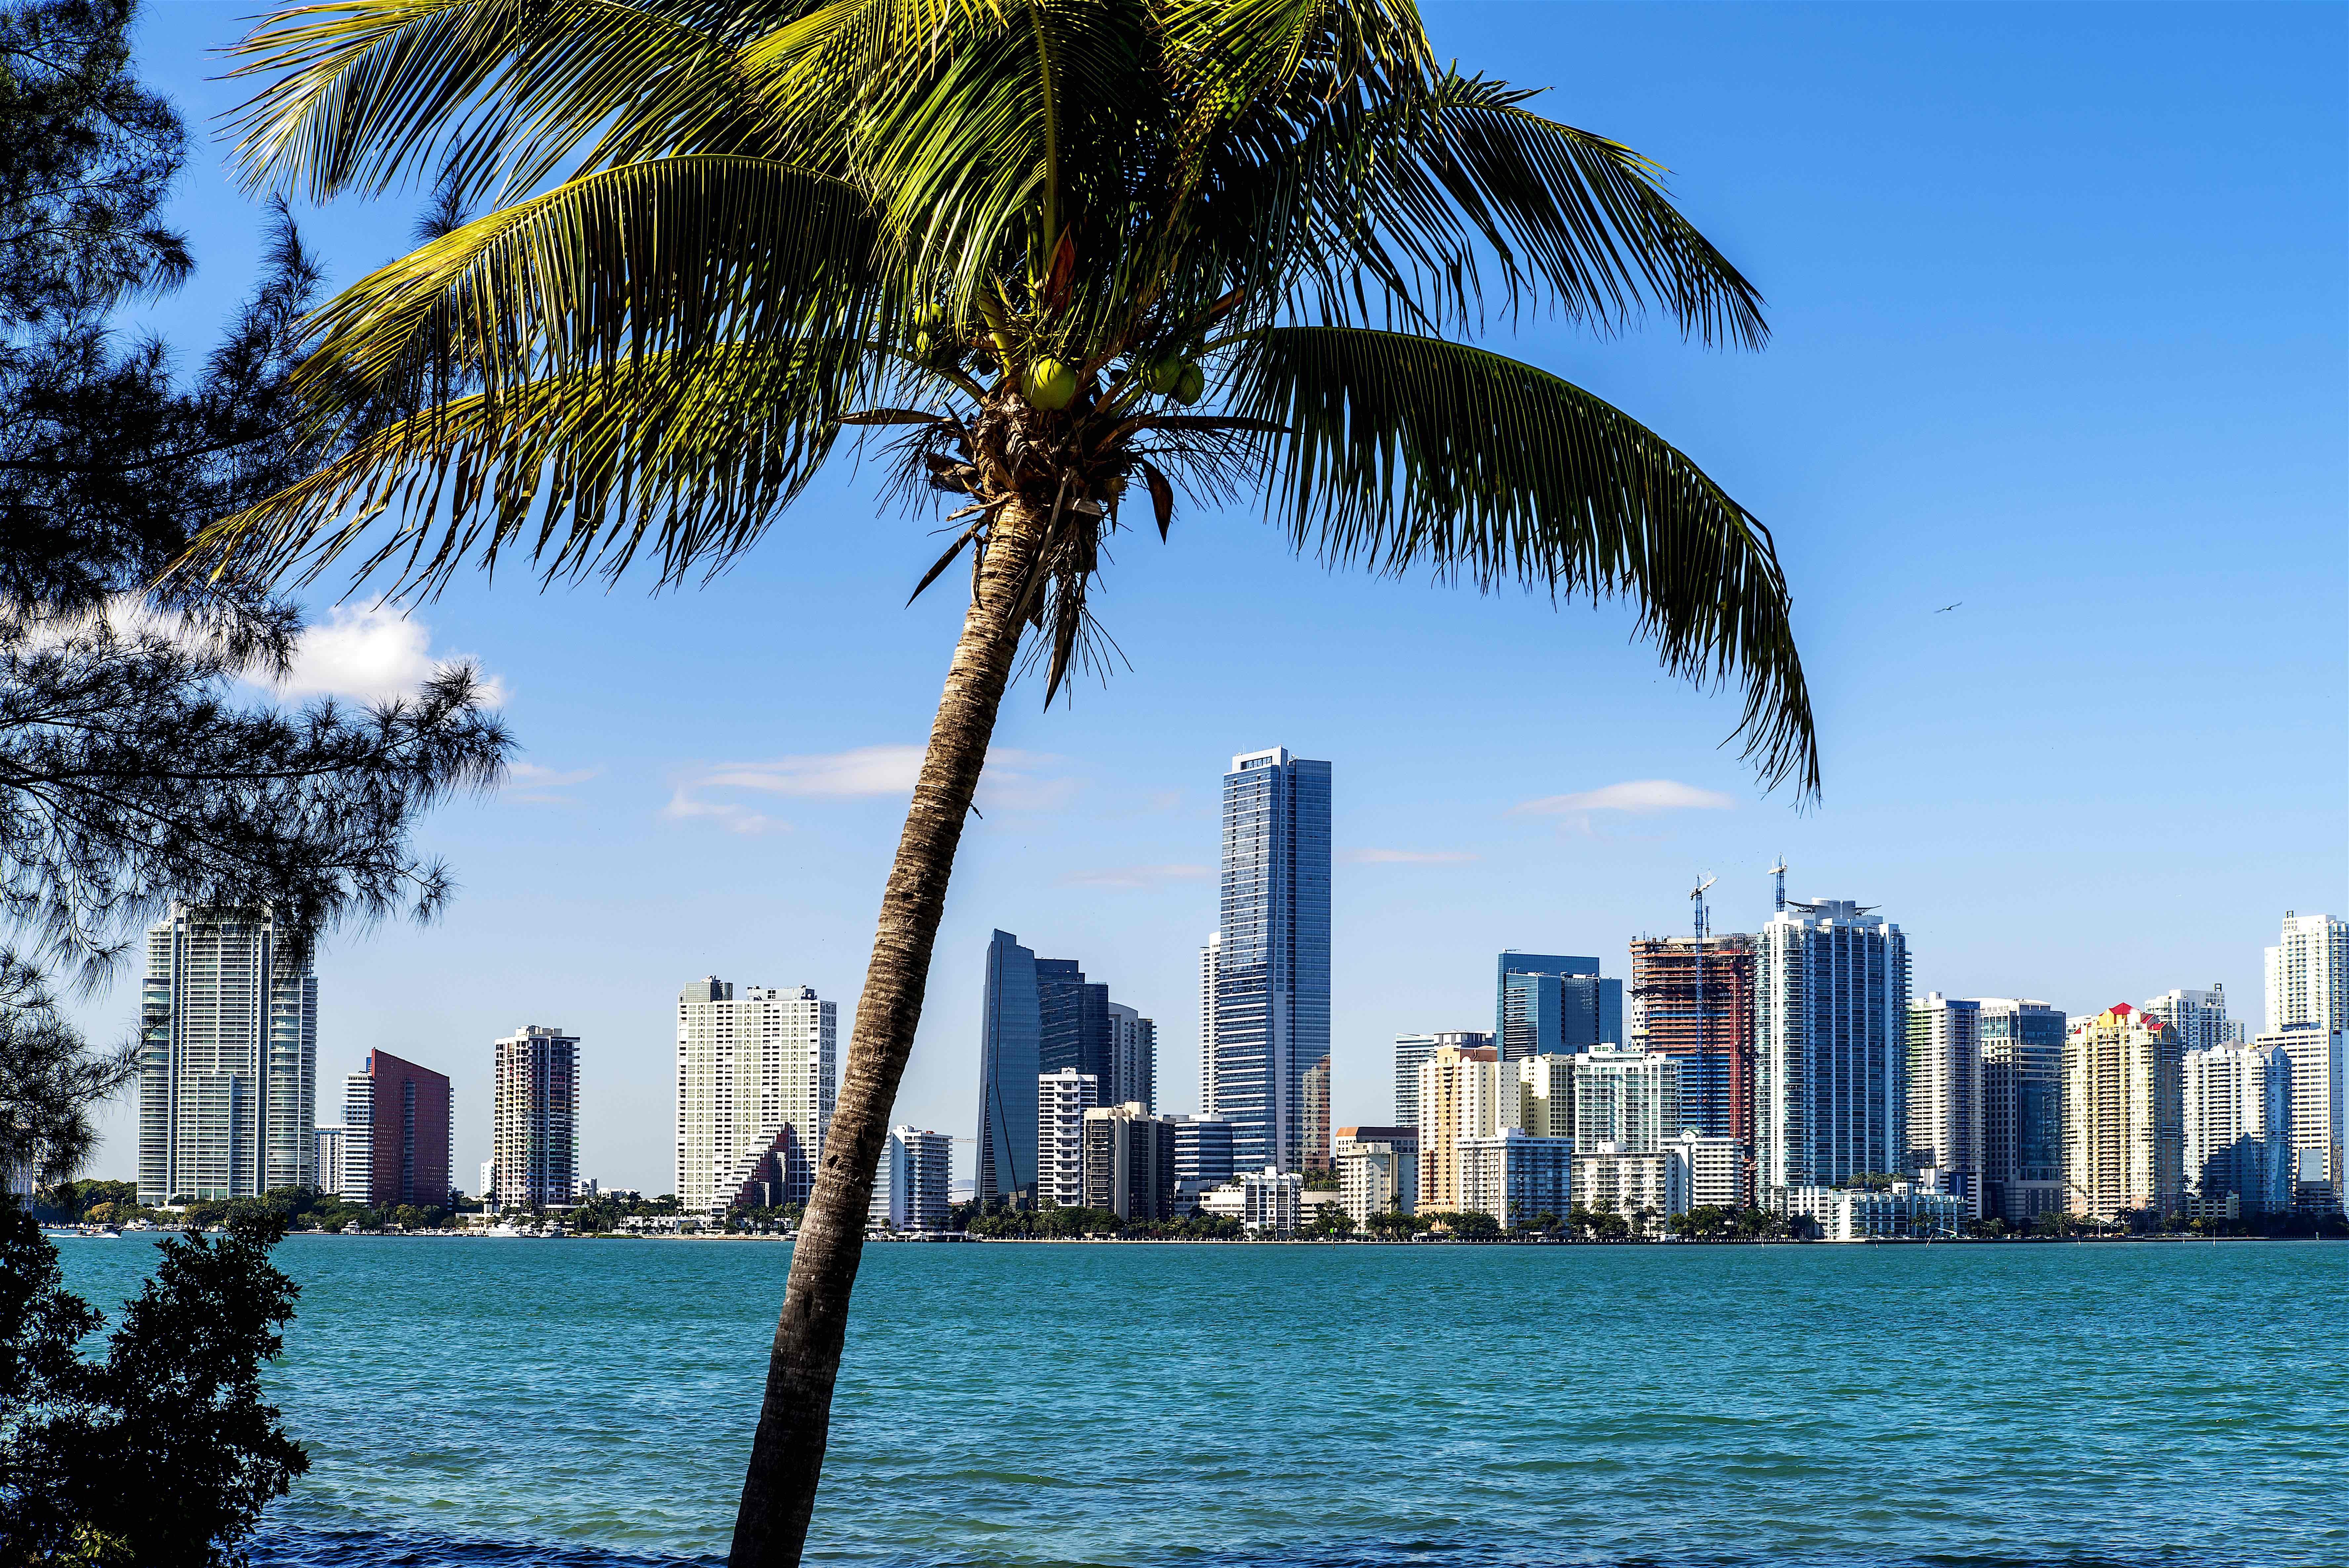 6.) Miami, FL